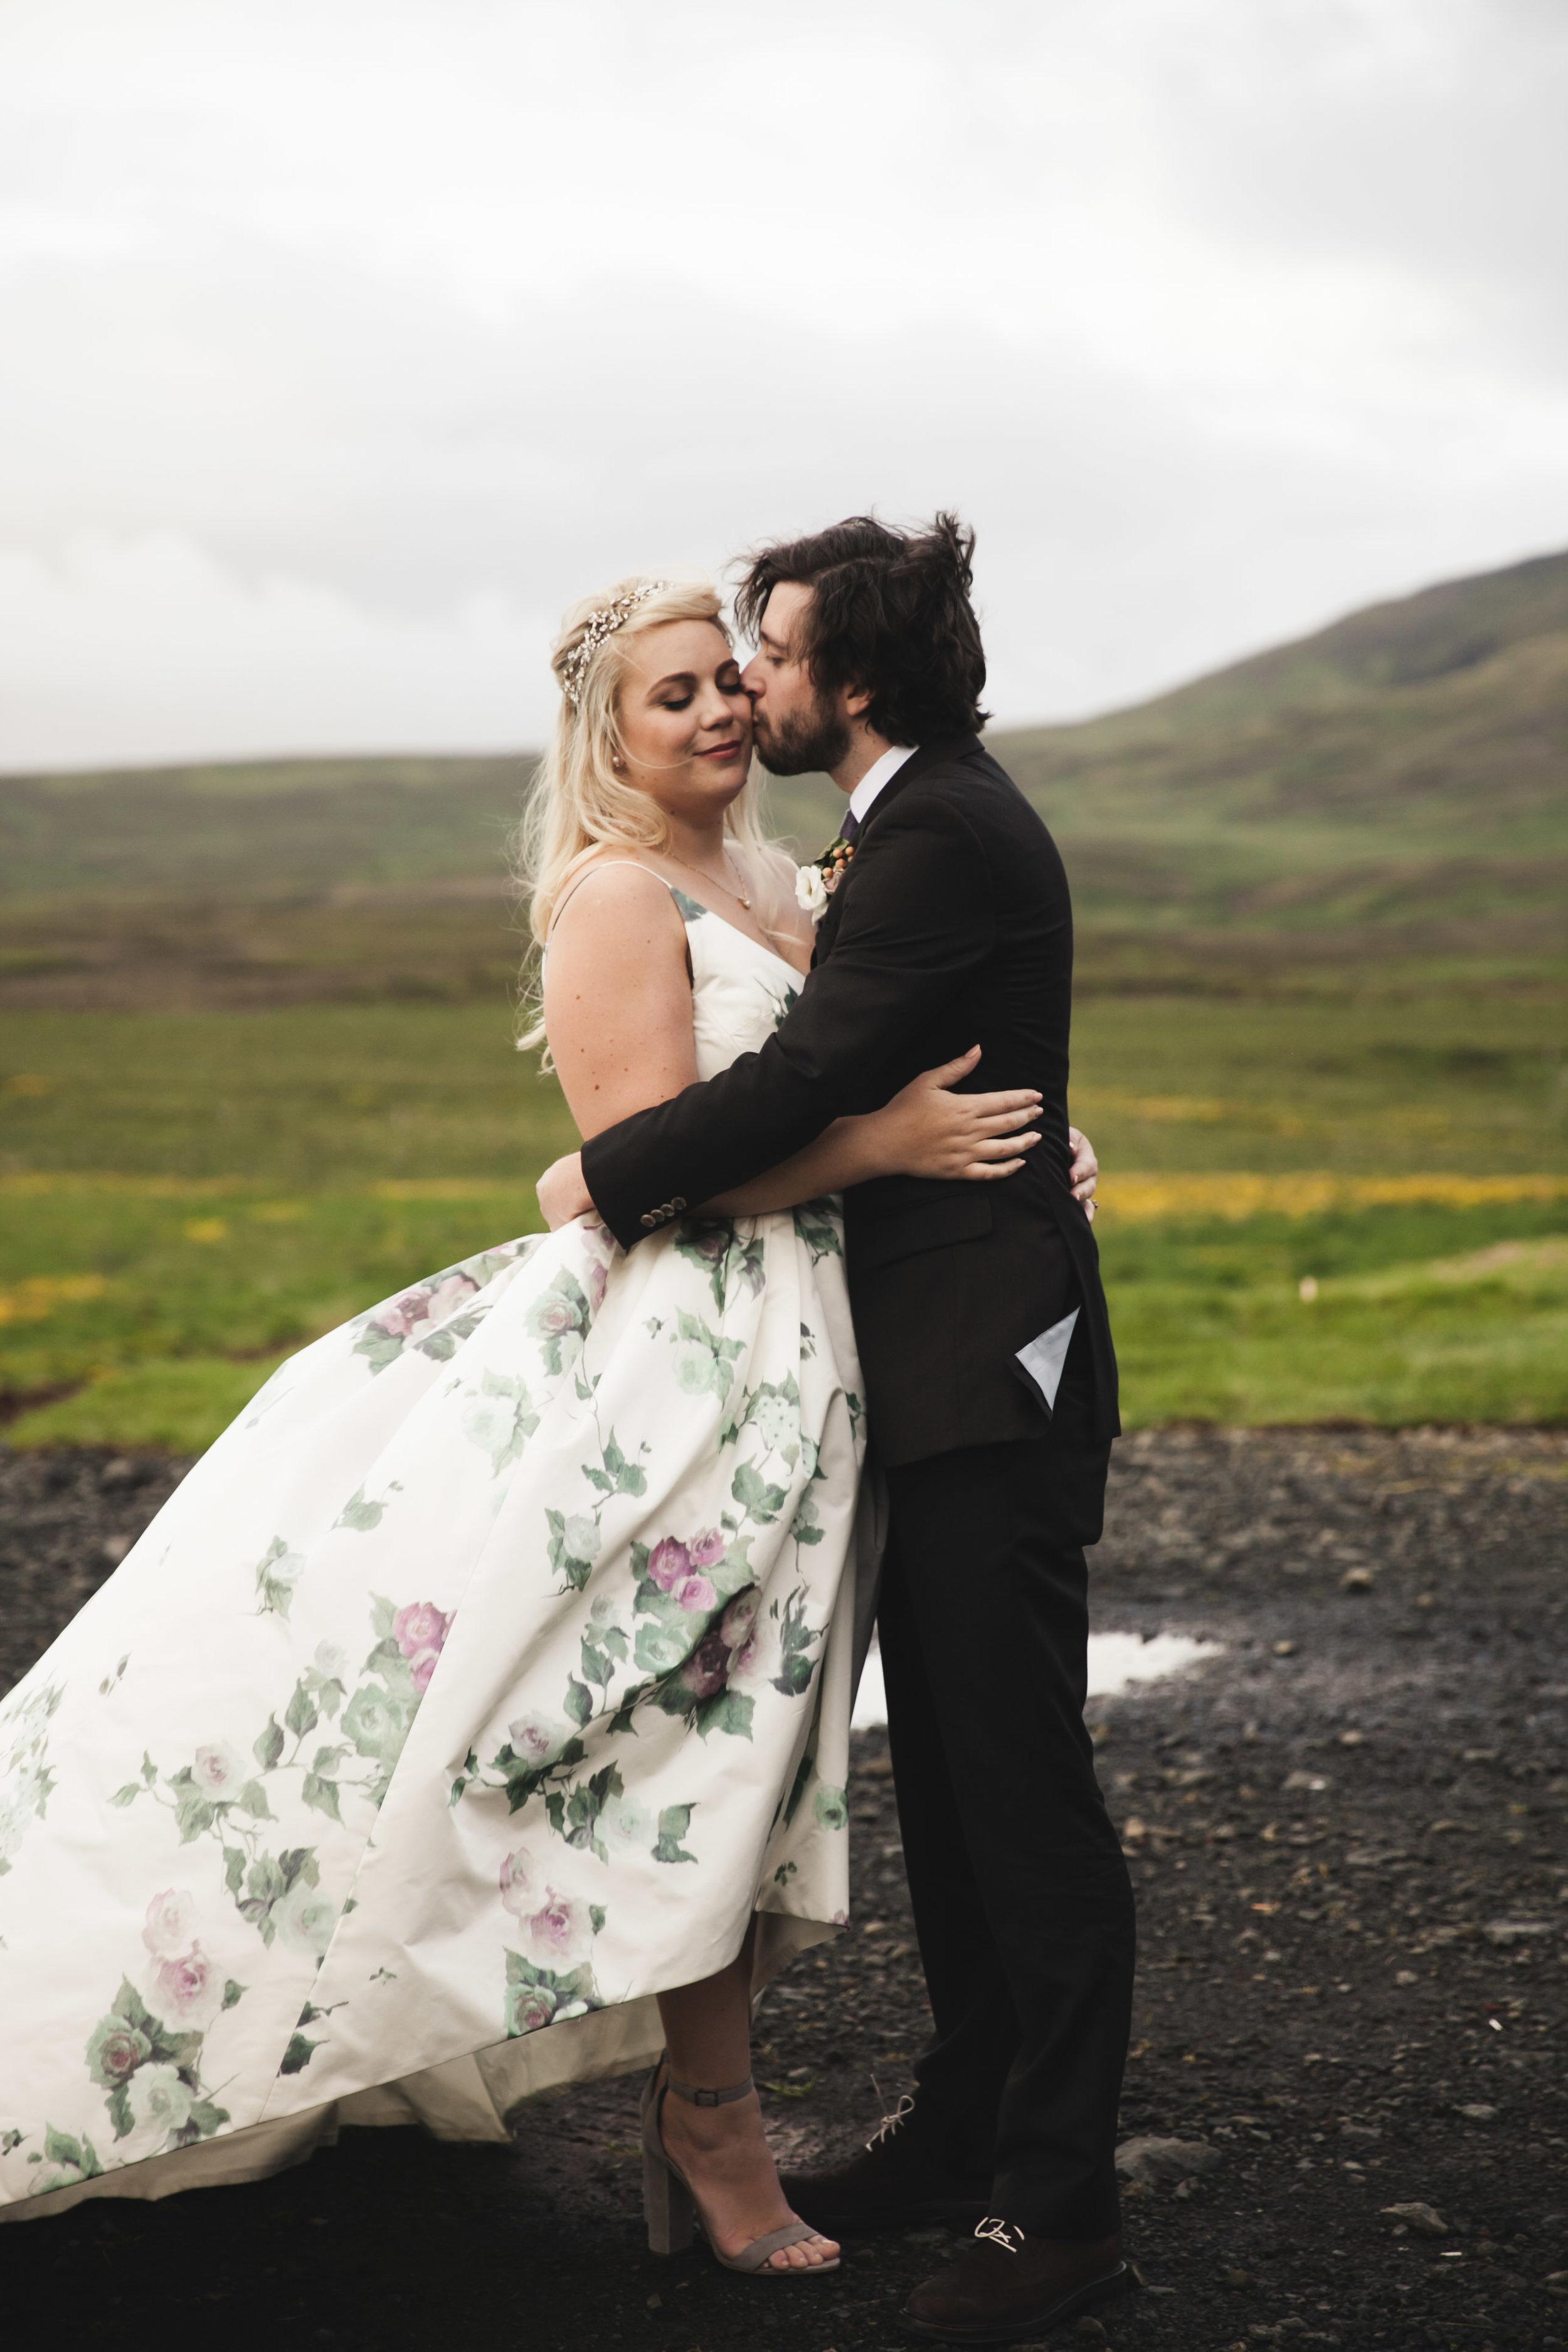 LisaDiederichPhotography_IcelandWedding_Kelsey&Zack-52.jpg